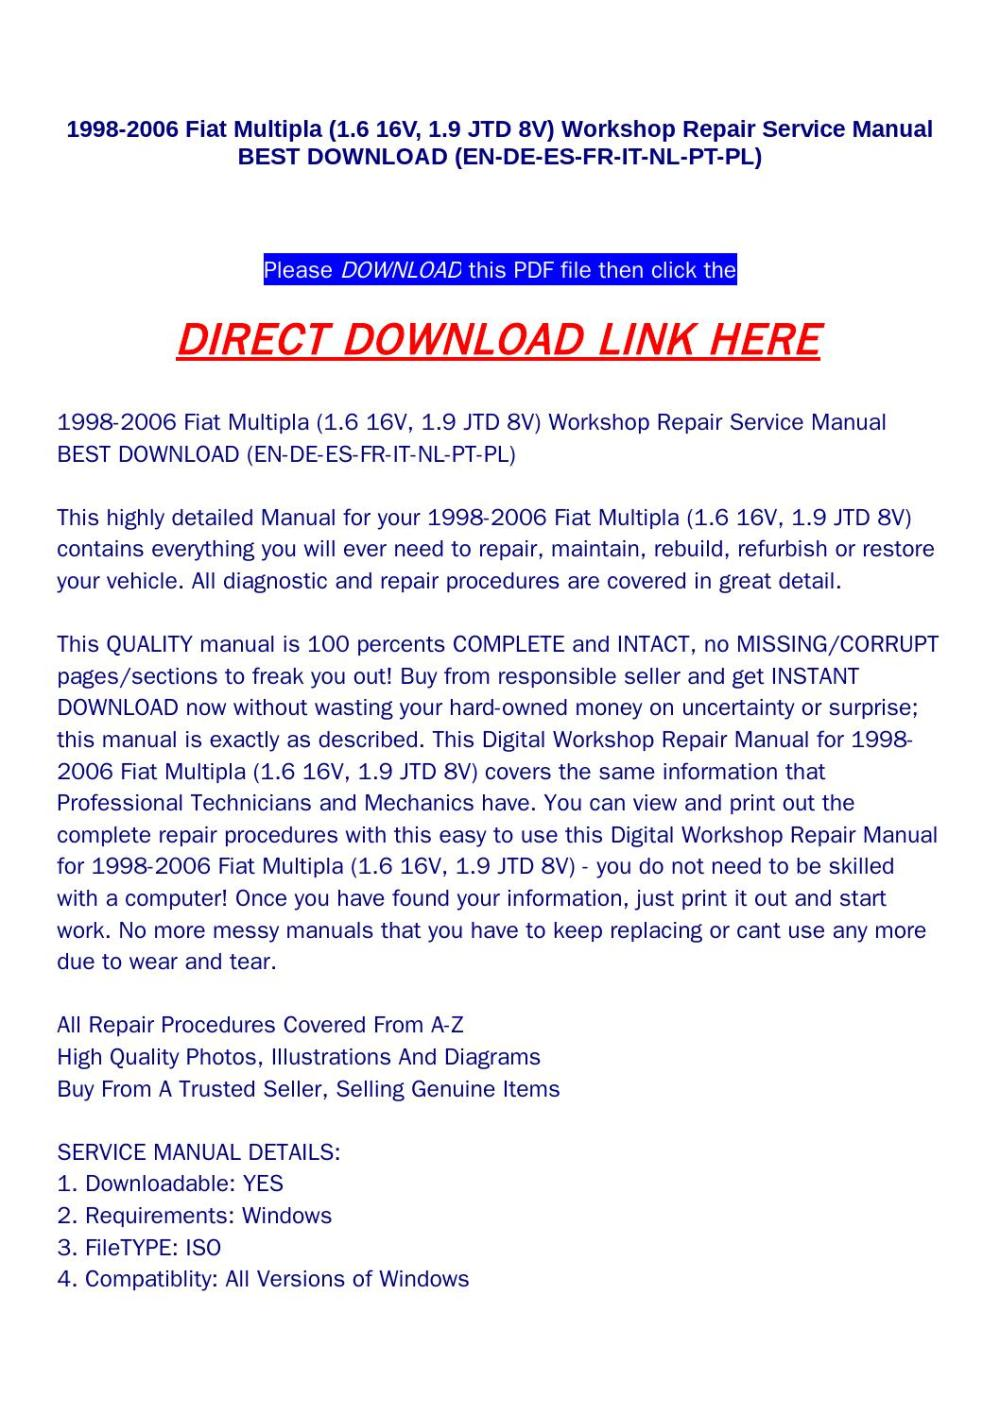 medium resolution of 1998 2006 fiat multipla 1 6 16v 1 9 jtd 8v workshop repair